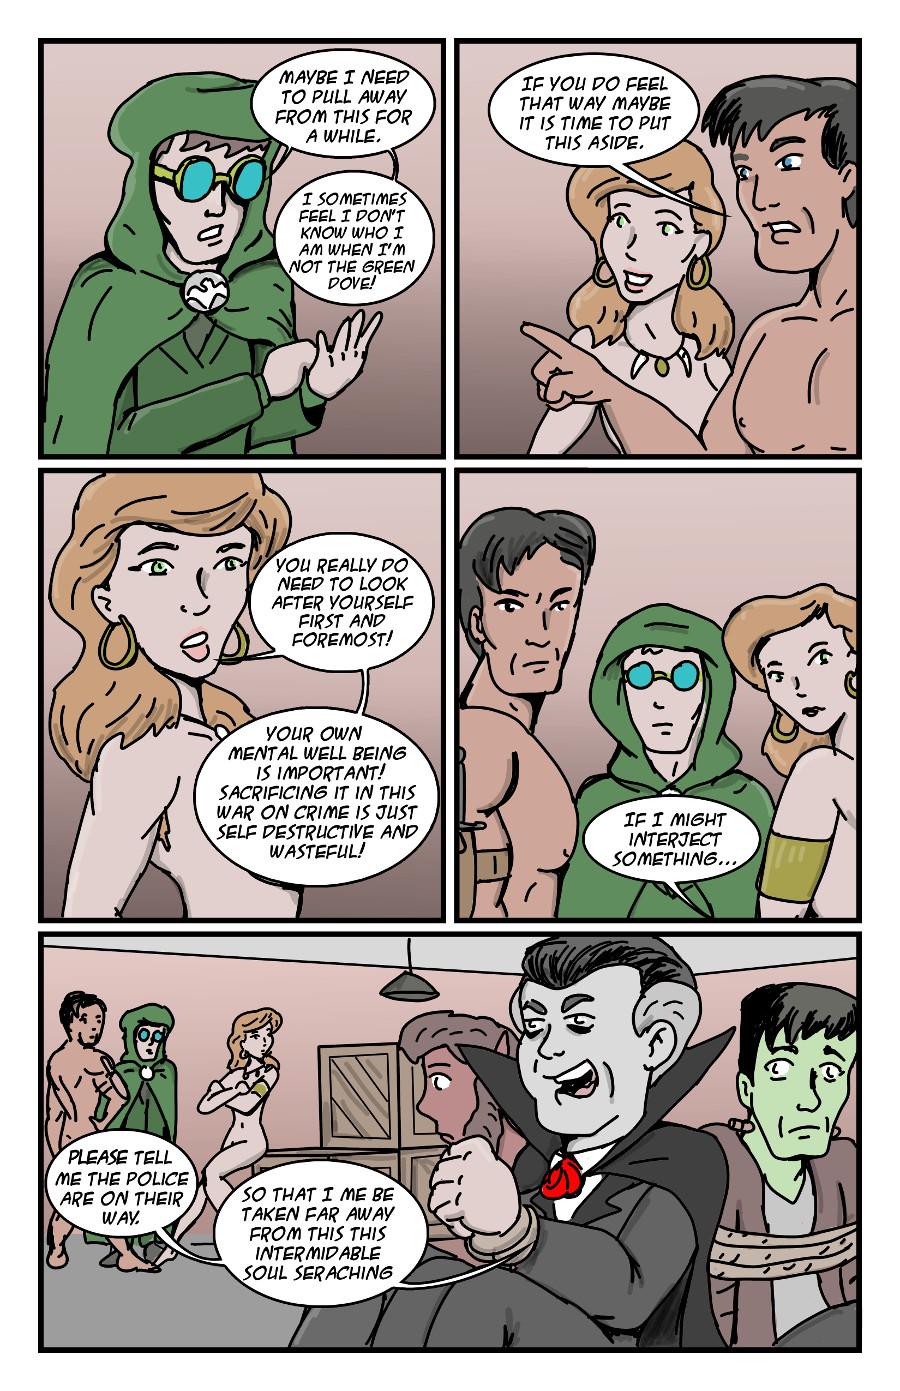 Halloween Exchange: Green Dove (5 of 5)